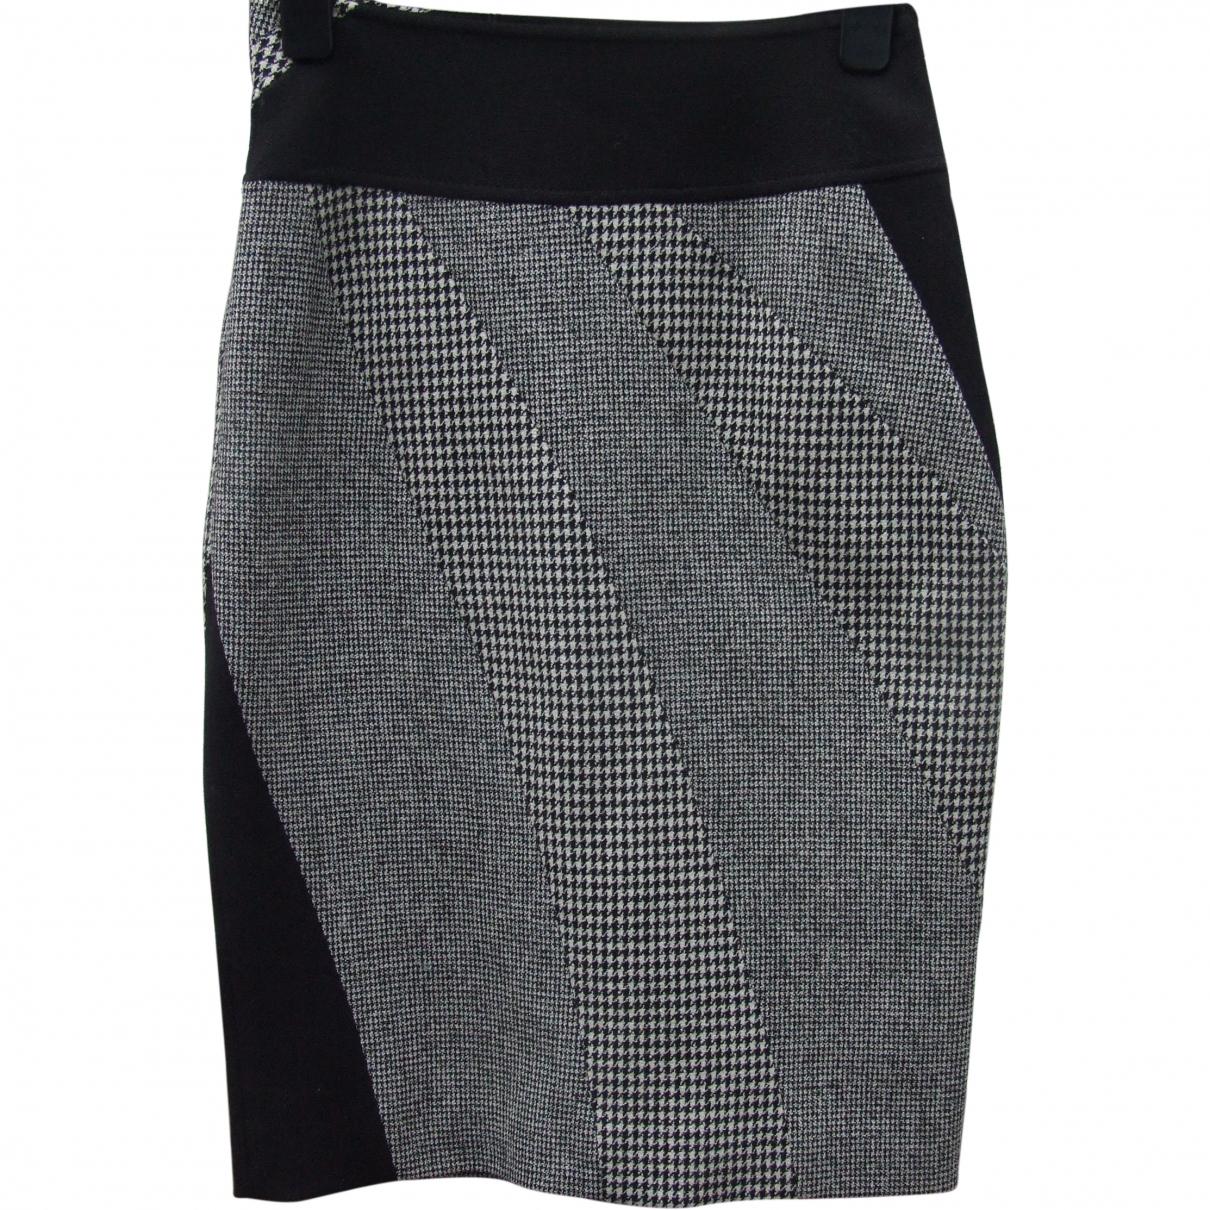 Karen Millen \N Multicolour Wool skirt for Women 6 UK